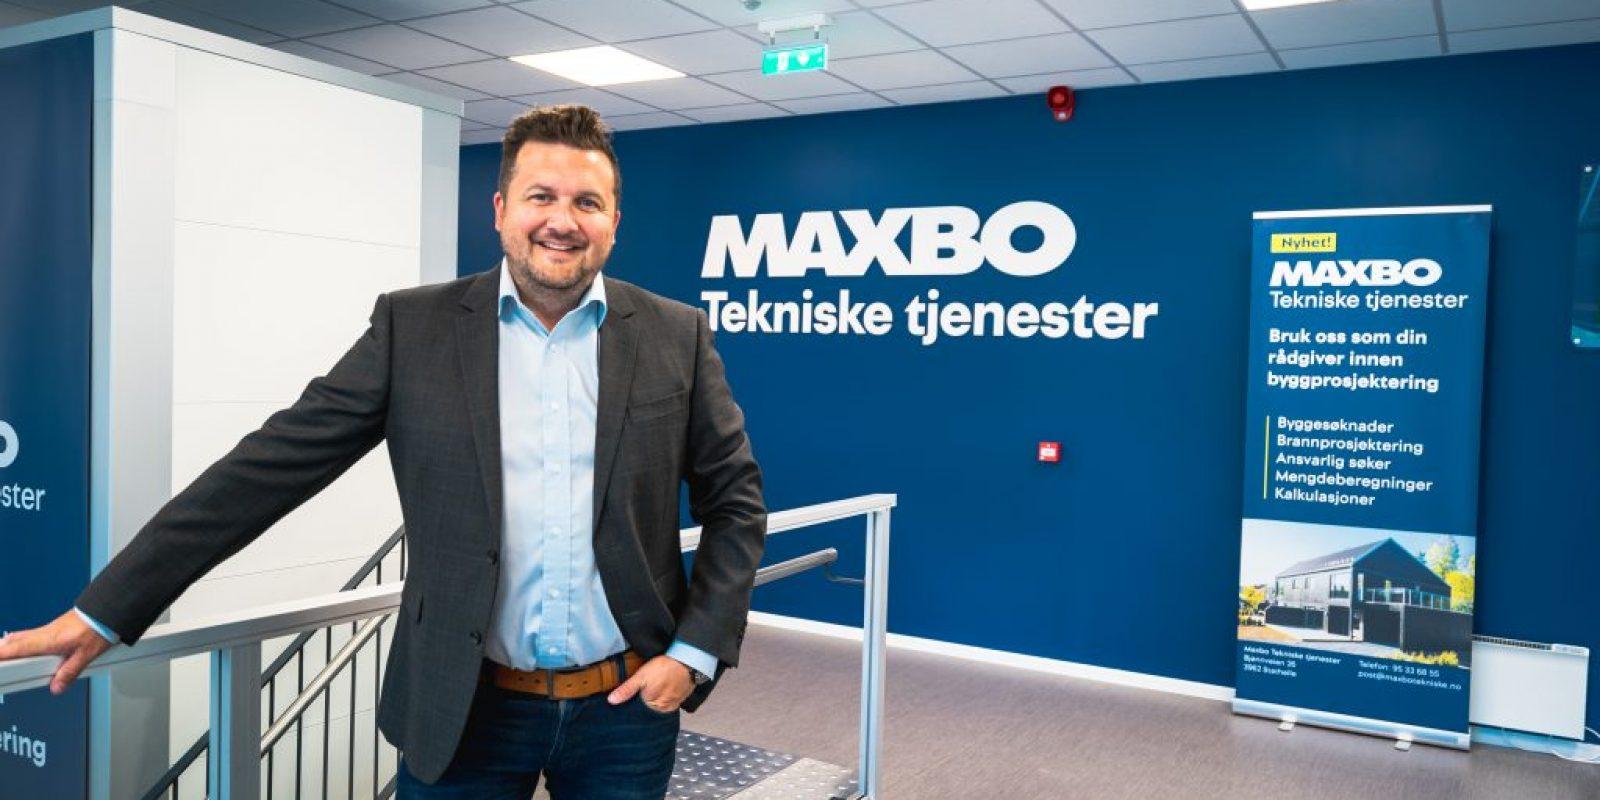 Maxbo-Tekniske-tjenester-as-43